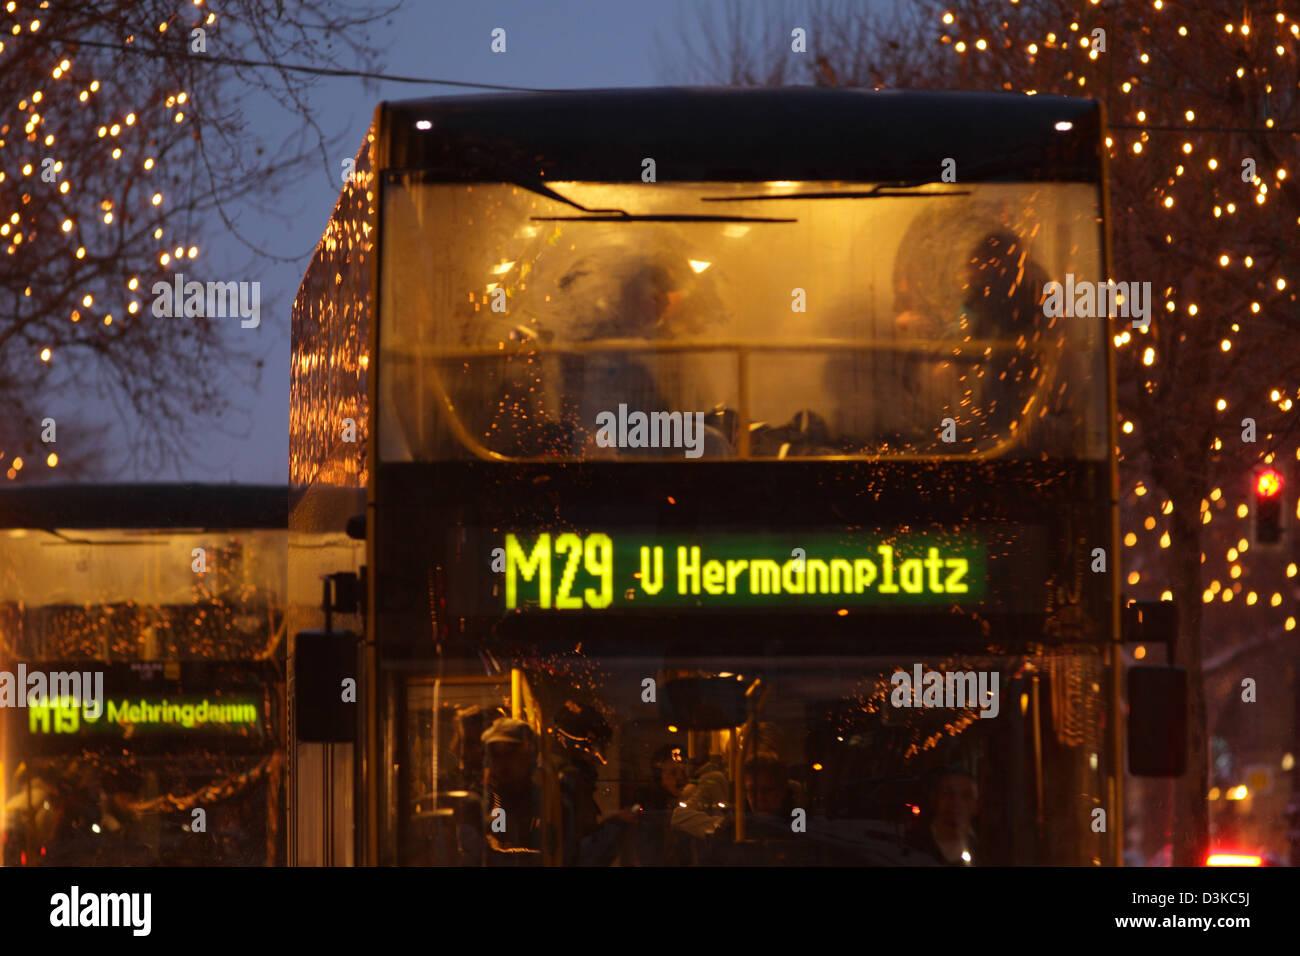 berlin m29